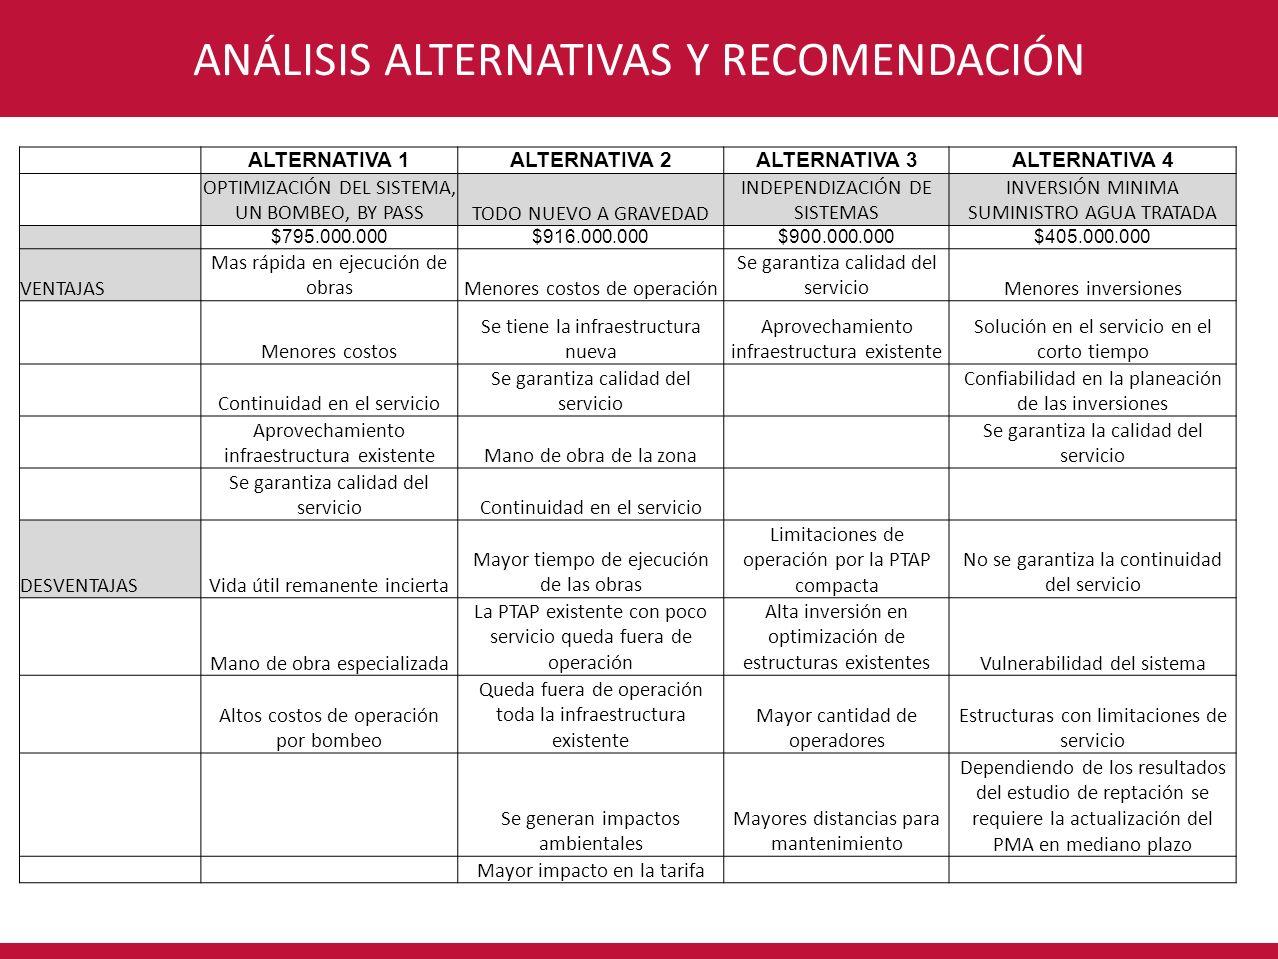 CONSORCIO INTERVENTORÍA POR UN NUEVO VALLEANÁLISIS ALTERNATIVAS Y RECOMENDACIÓN ALTERNATIVA 1ALTERNATIVA 2ALTERNATIVA 3ALTERNATIVA 4 OPTIMIZACIÓN DEL